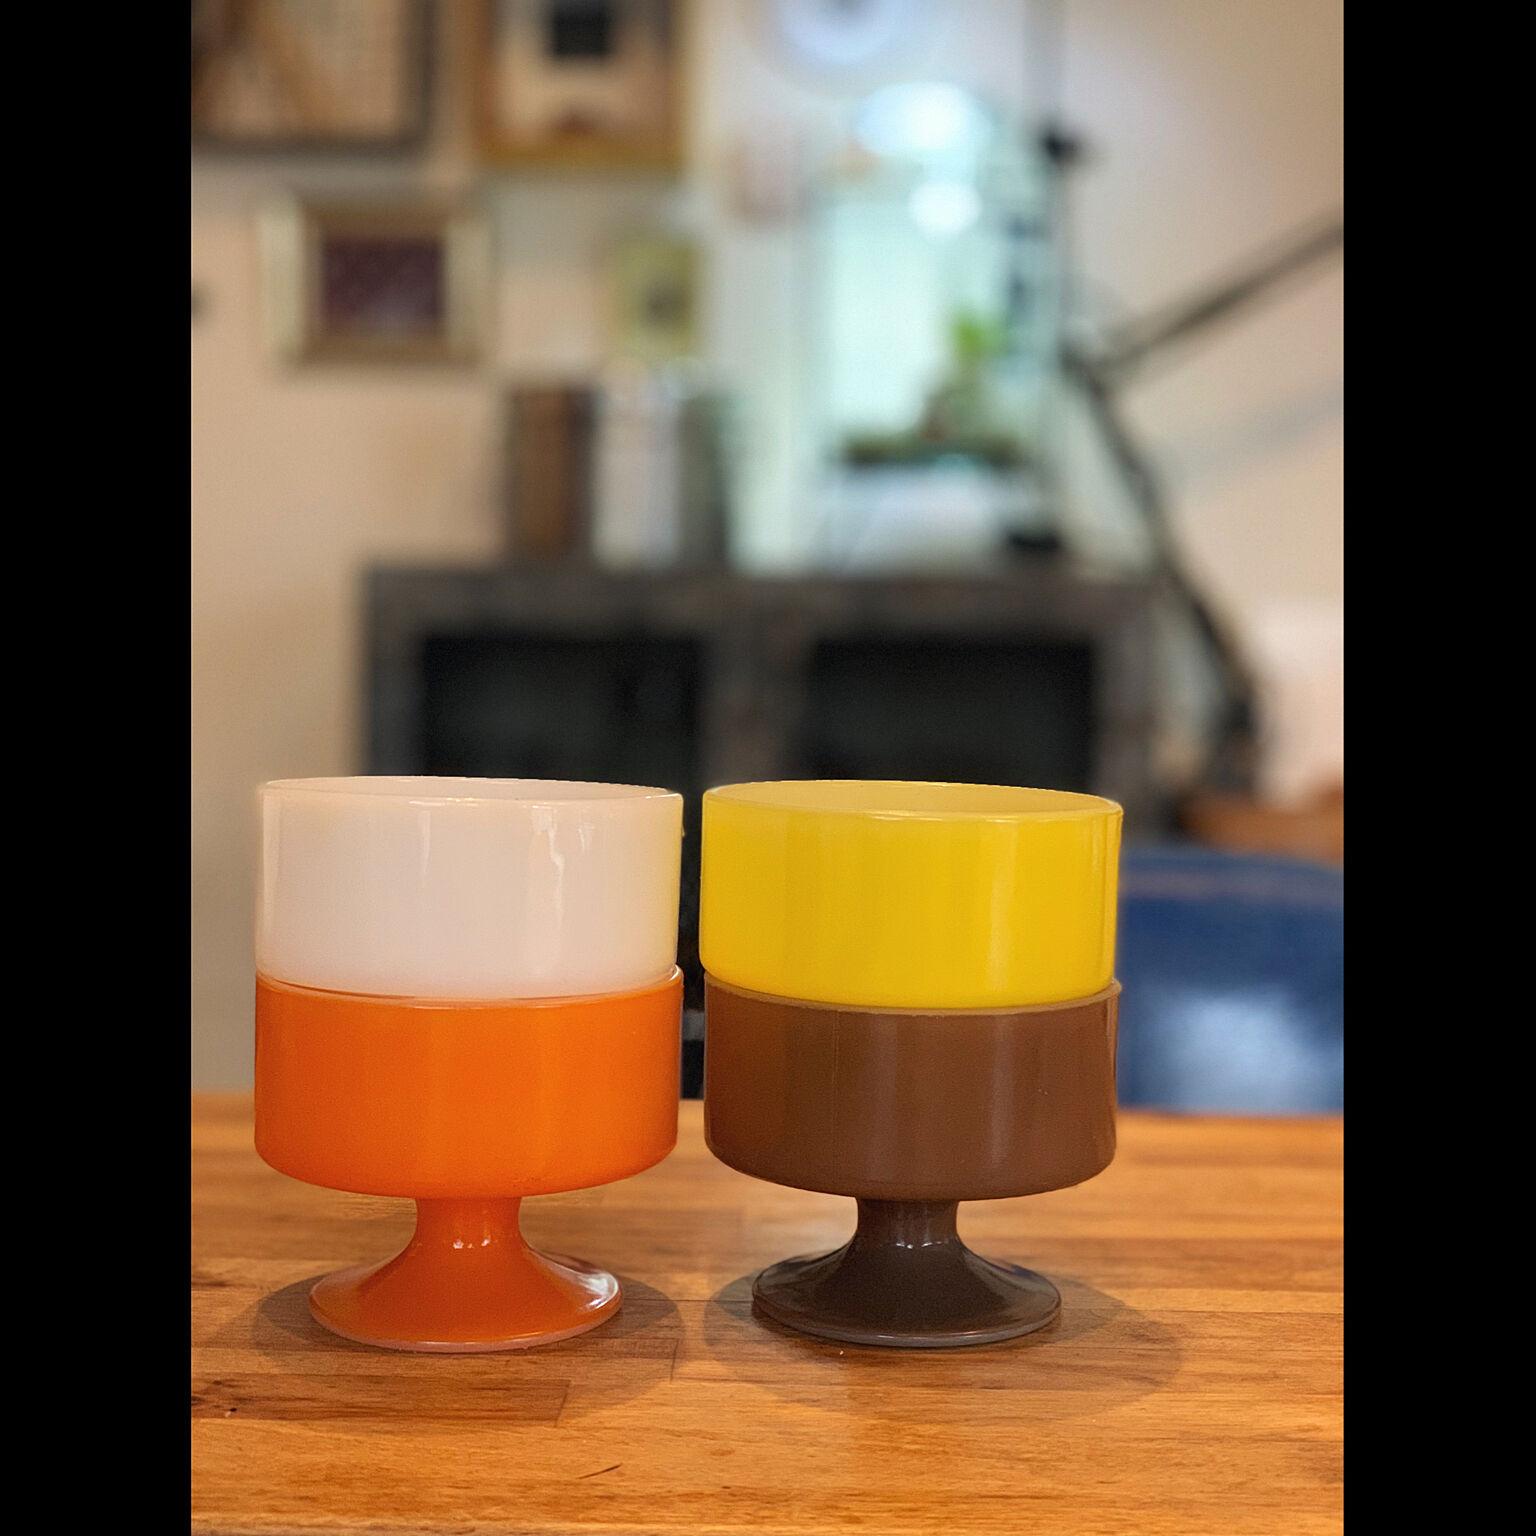 ポッテリとしたフォルムで独特の魅力を放つ!ミルクガラスの使用実例10選